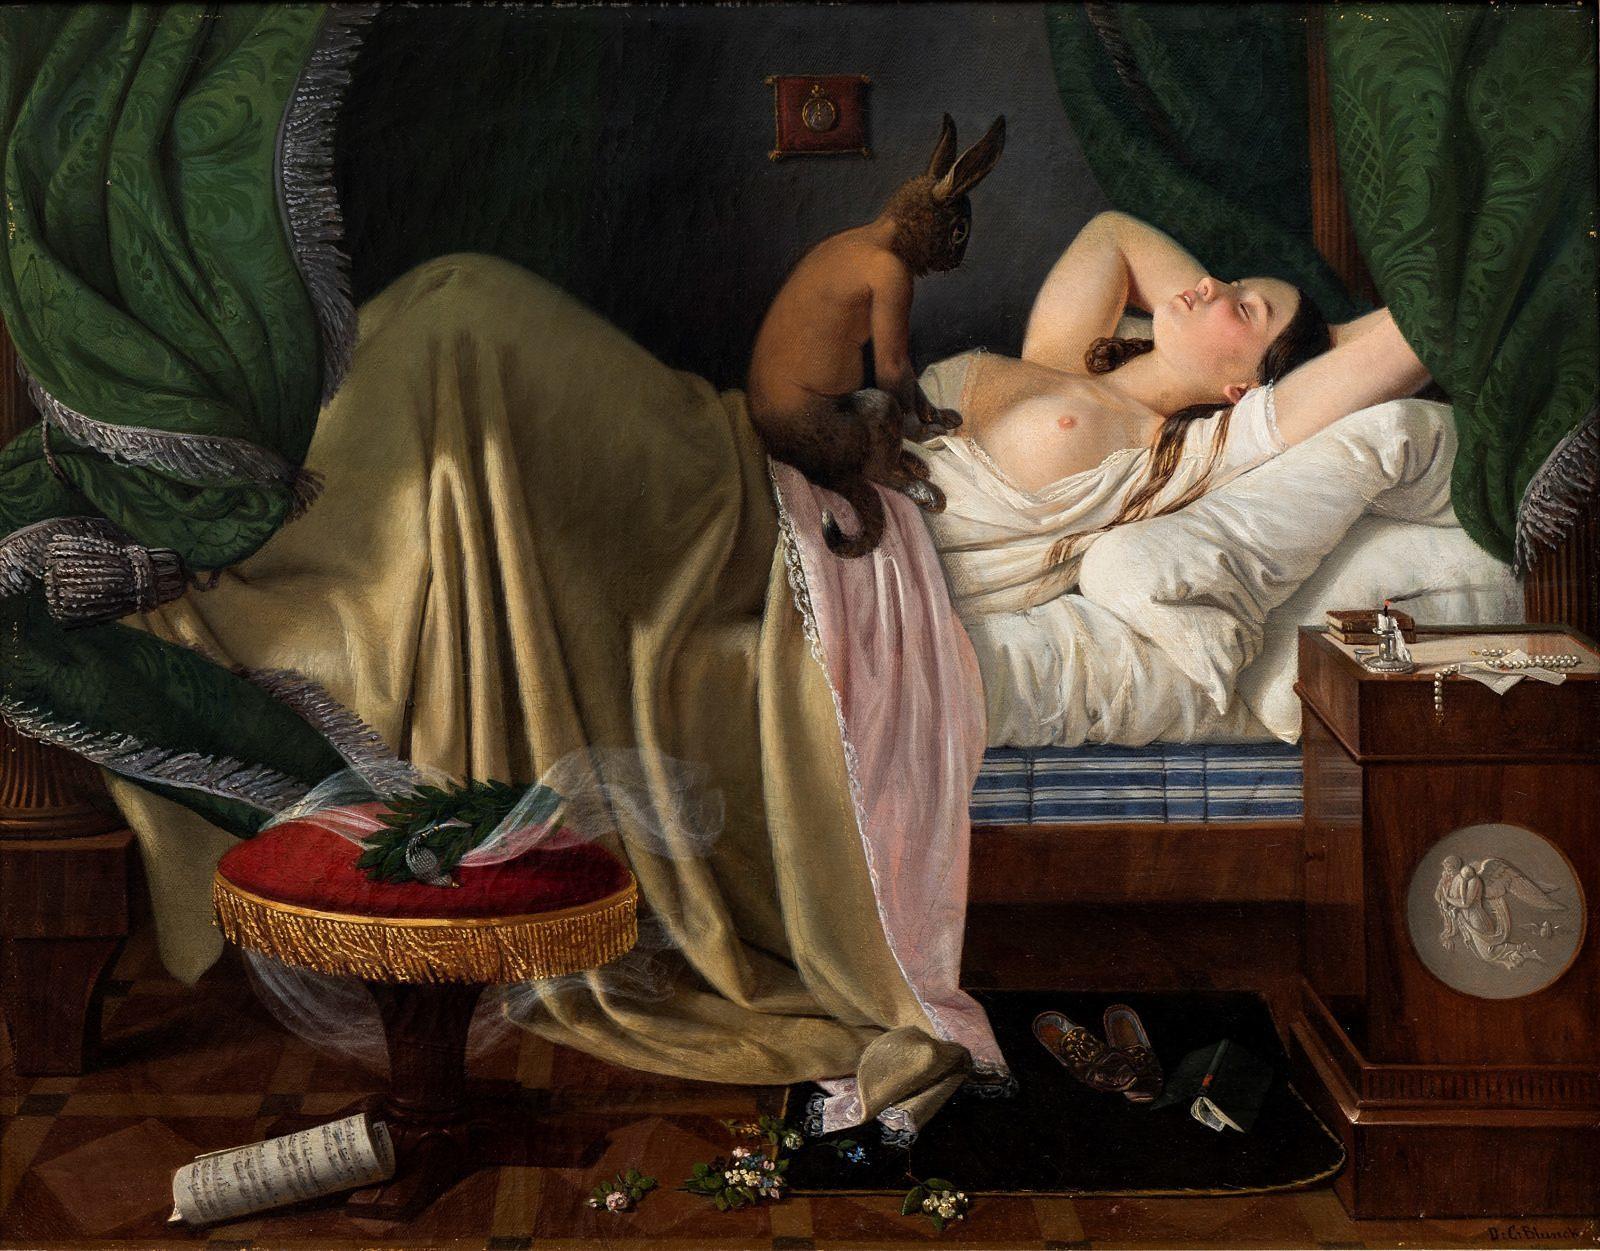 Ditlev Blunck, Mareridt, 1846